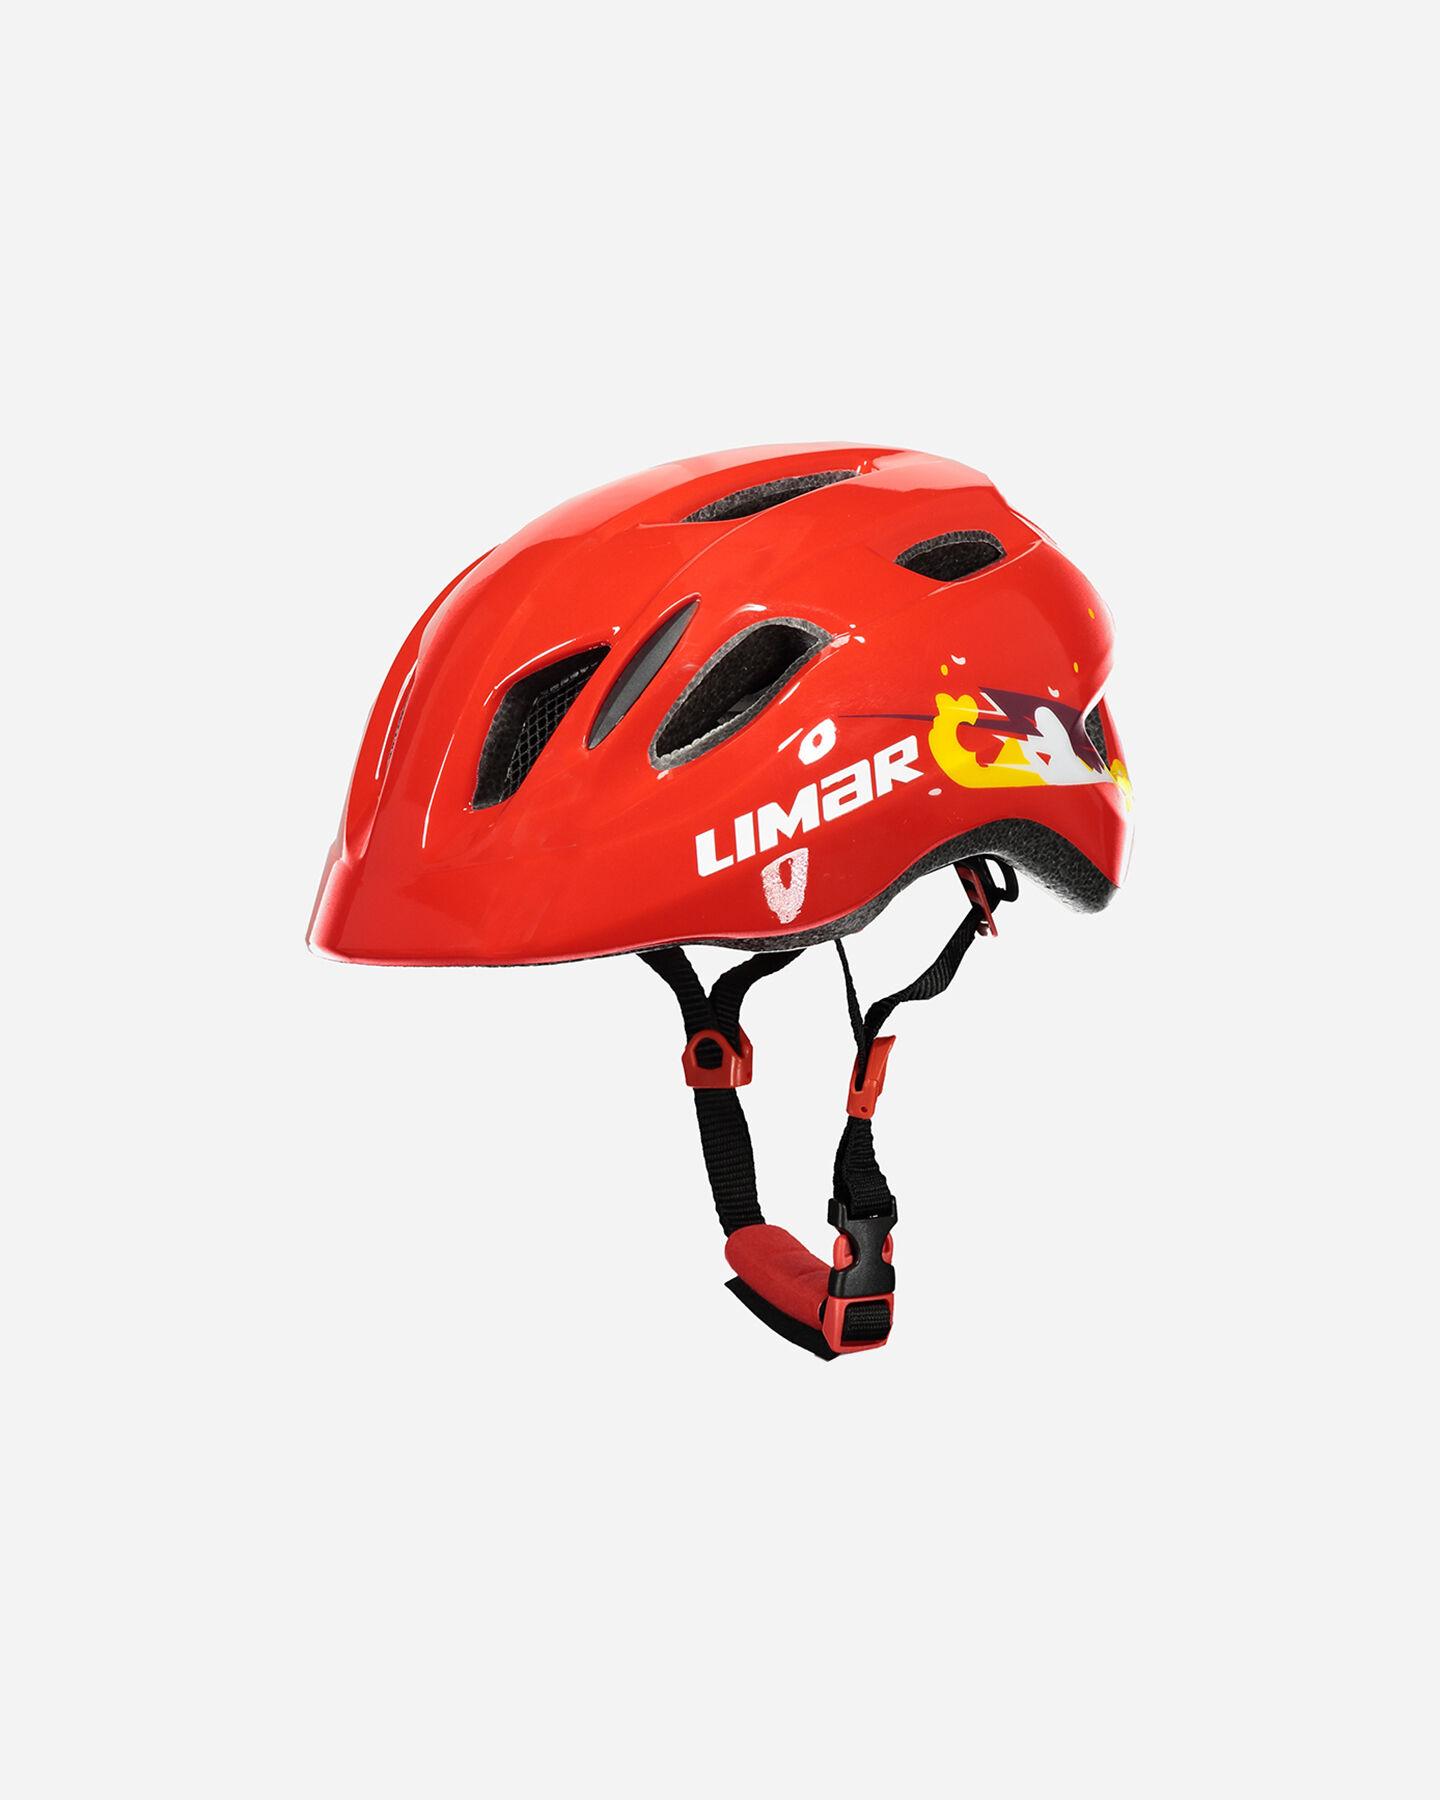 Casco bici LIMAR RACE JR S4078253 1 UNI scatto 0